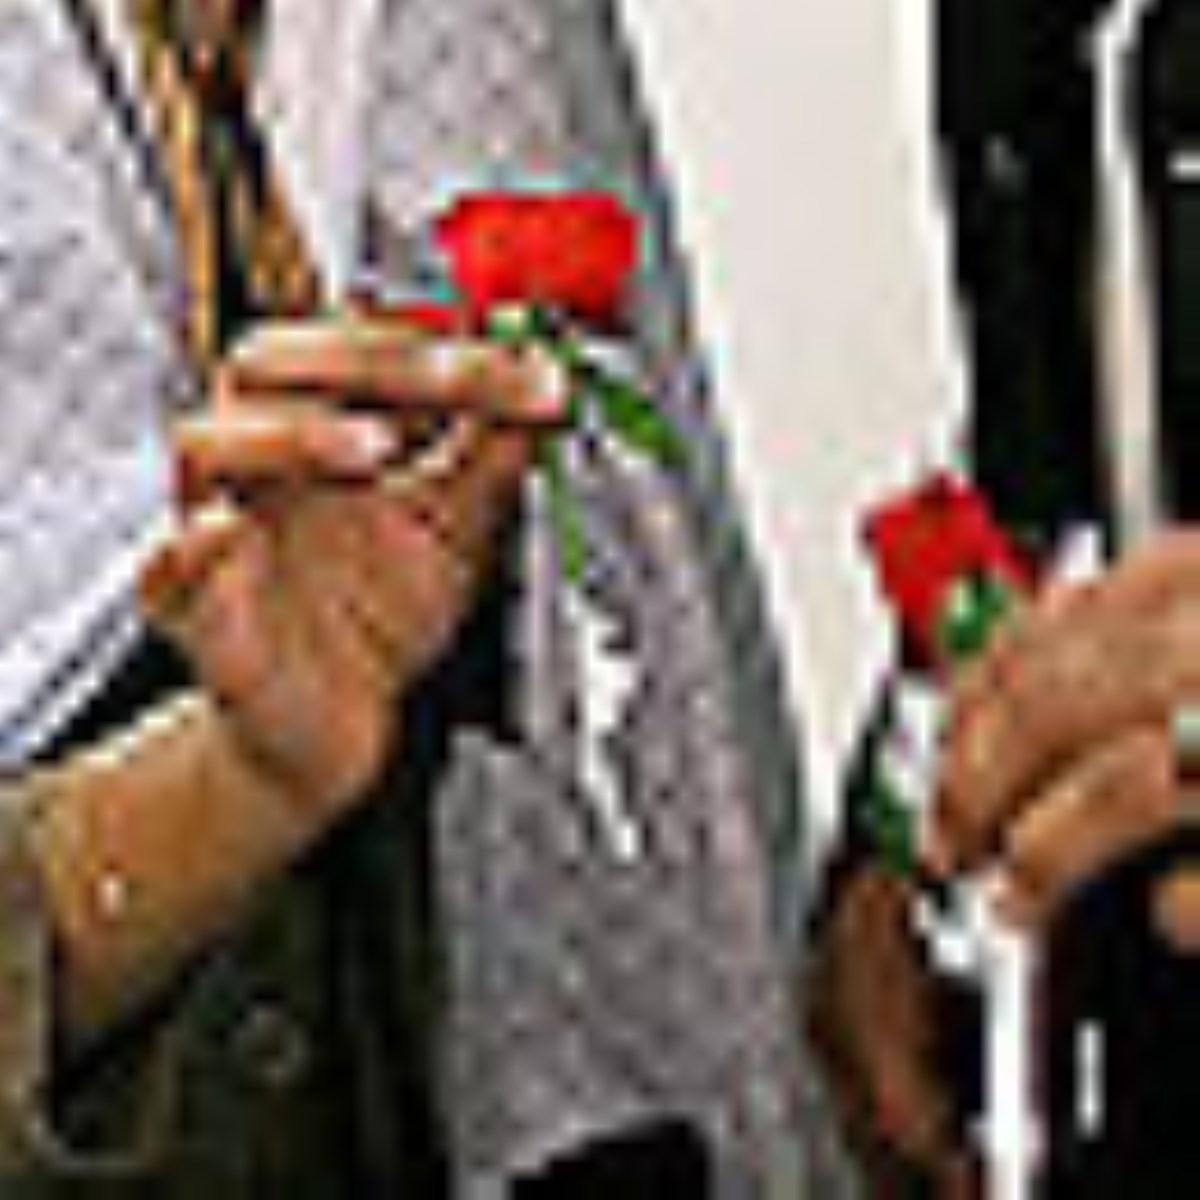 نگاهي به اهداف و آثار ازدواج در قرآن